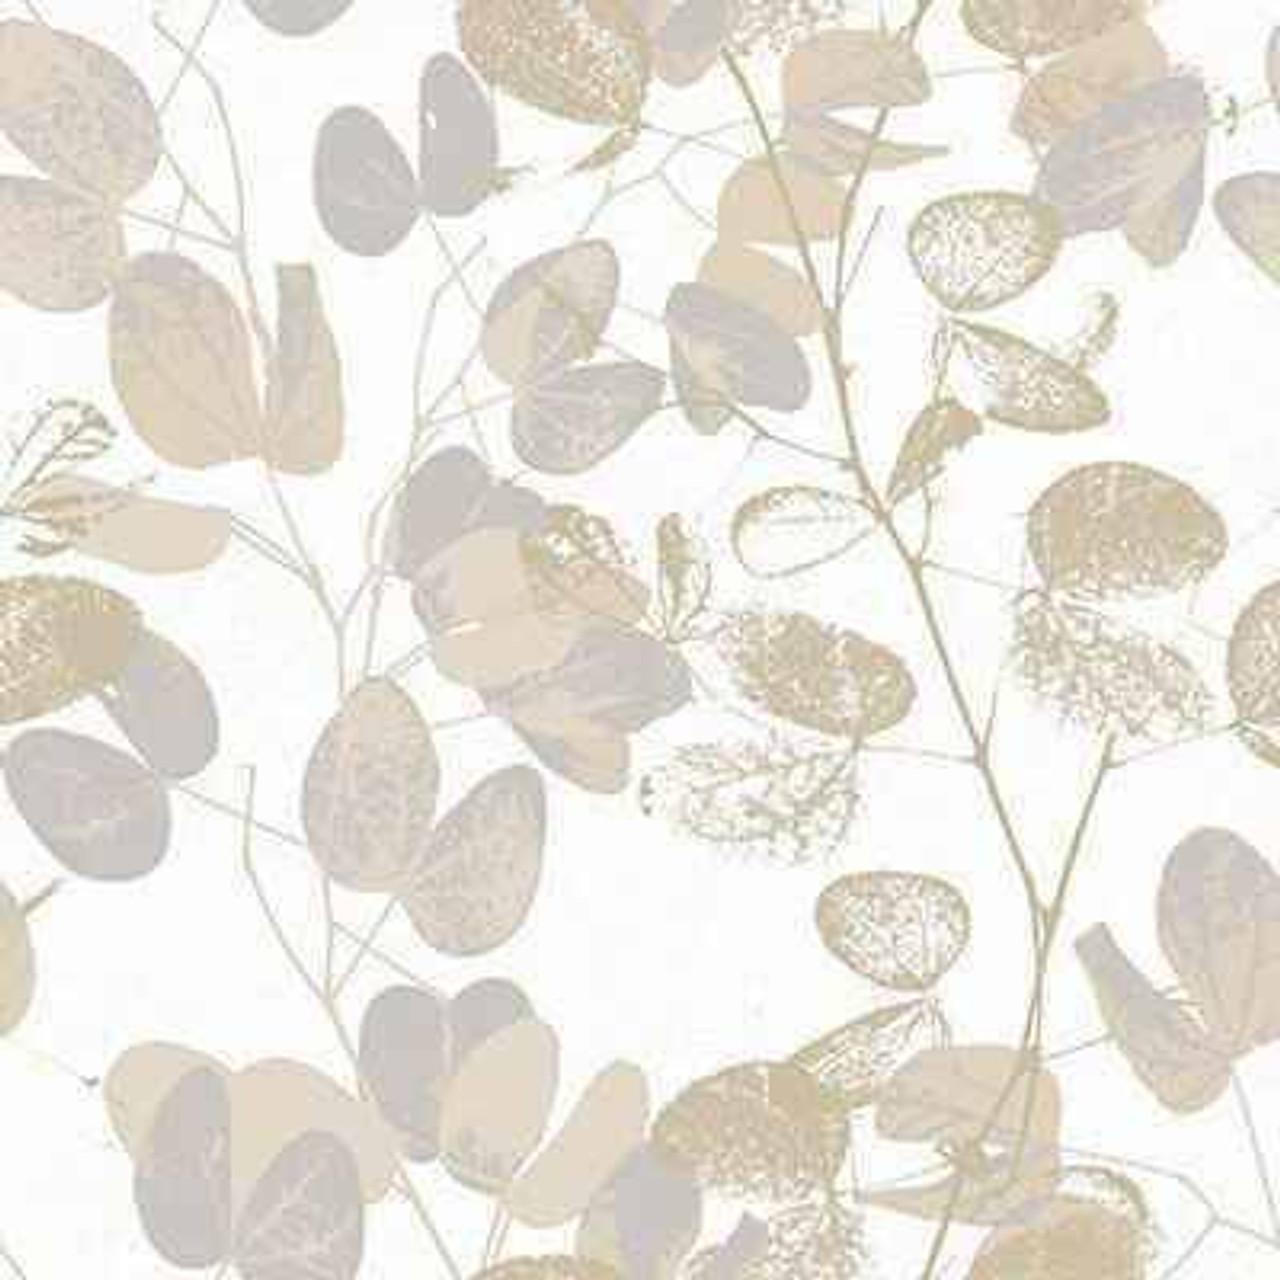 WestPoint/Martex Martex Rx or Comforter or Oxidized Leaf or Tan